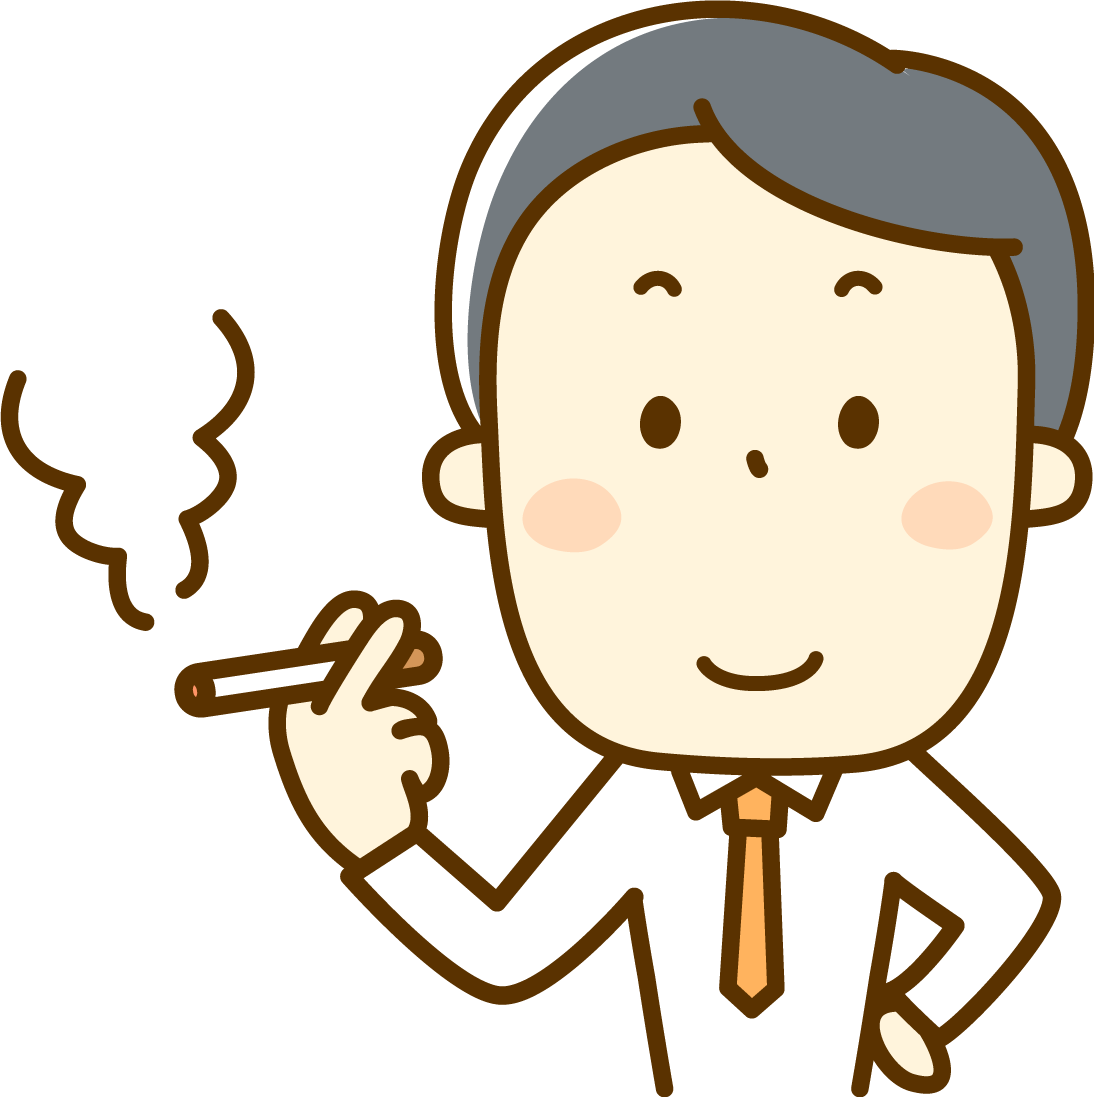 タバコと声がれの関係